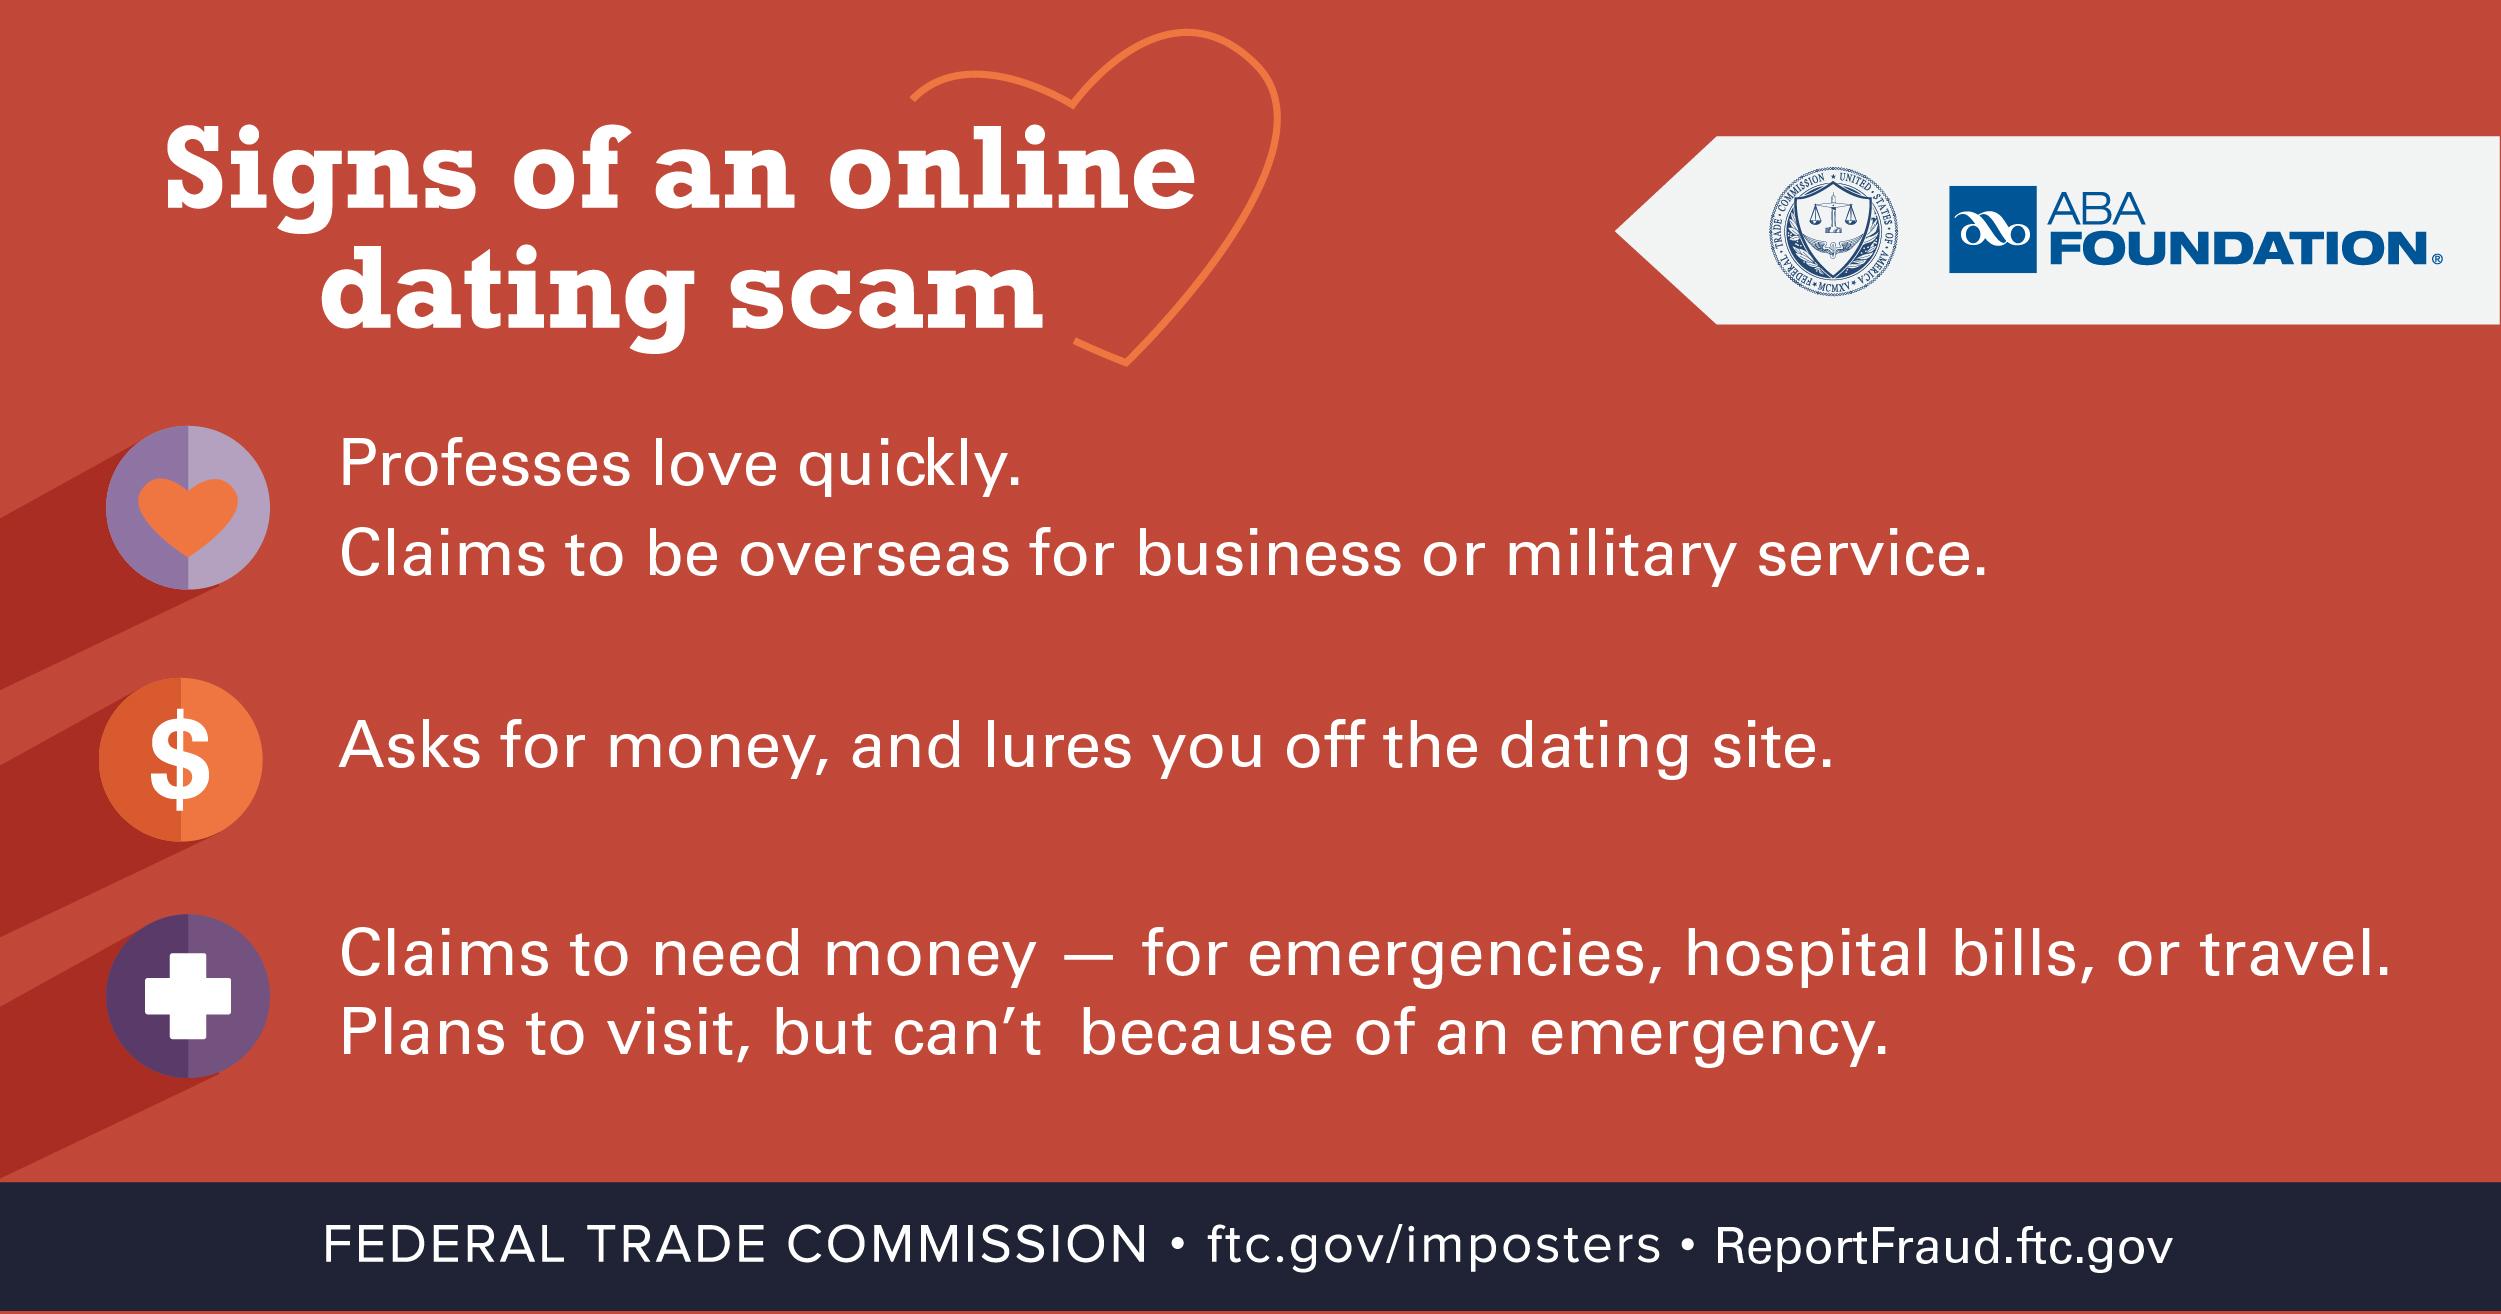 romance_scams_feb2021_en-03.jpg